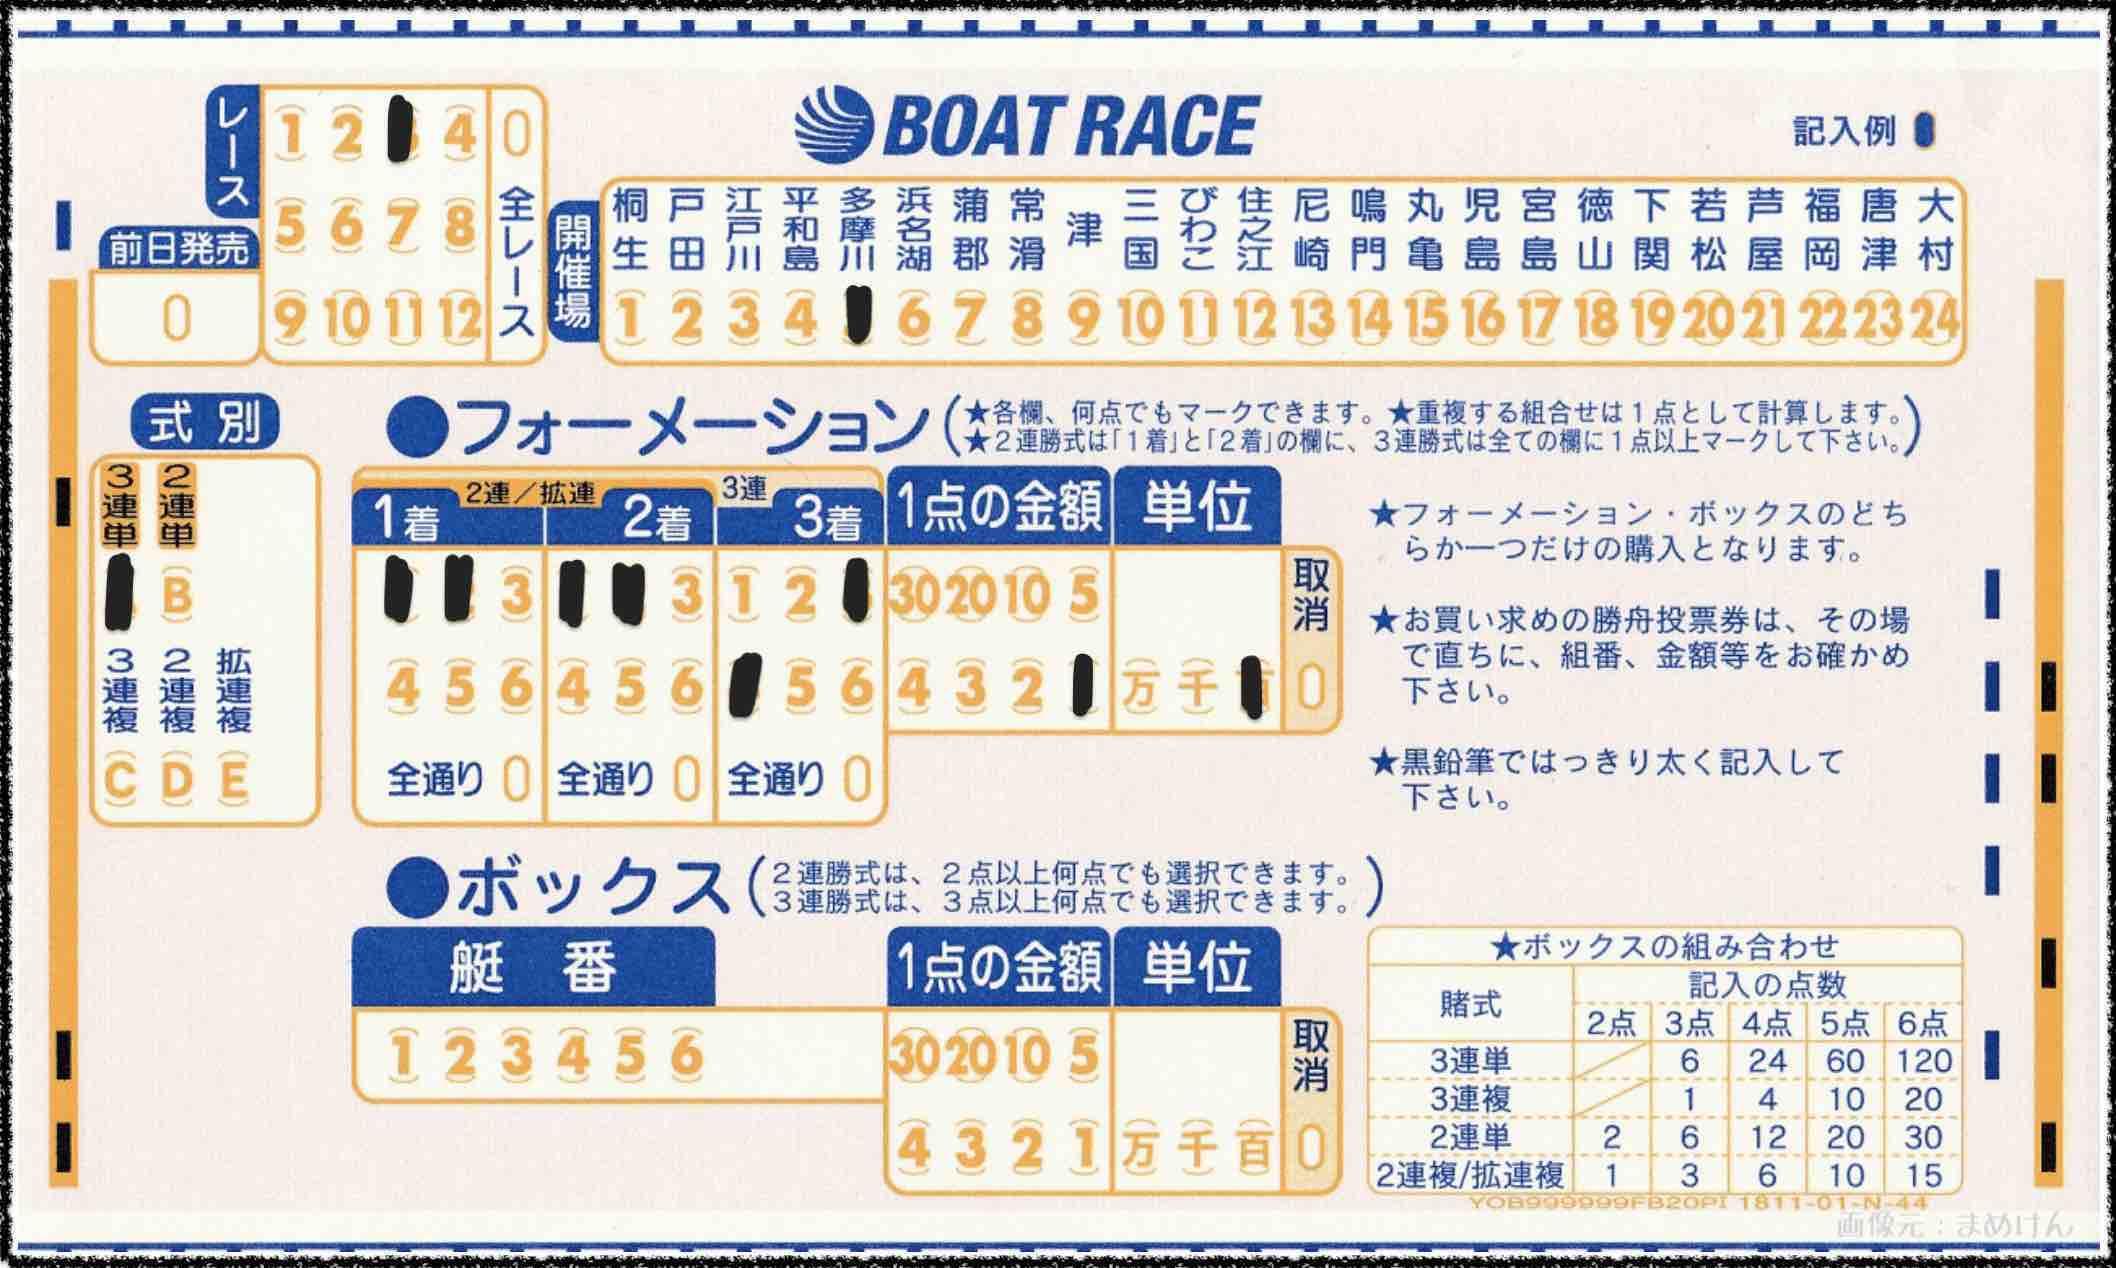 競艇ボートレースの舟券購入に使うマークシートの書き方、フォーメーション買い